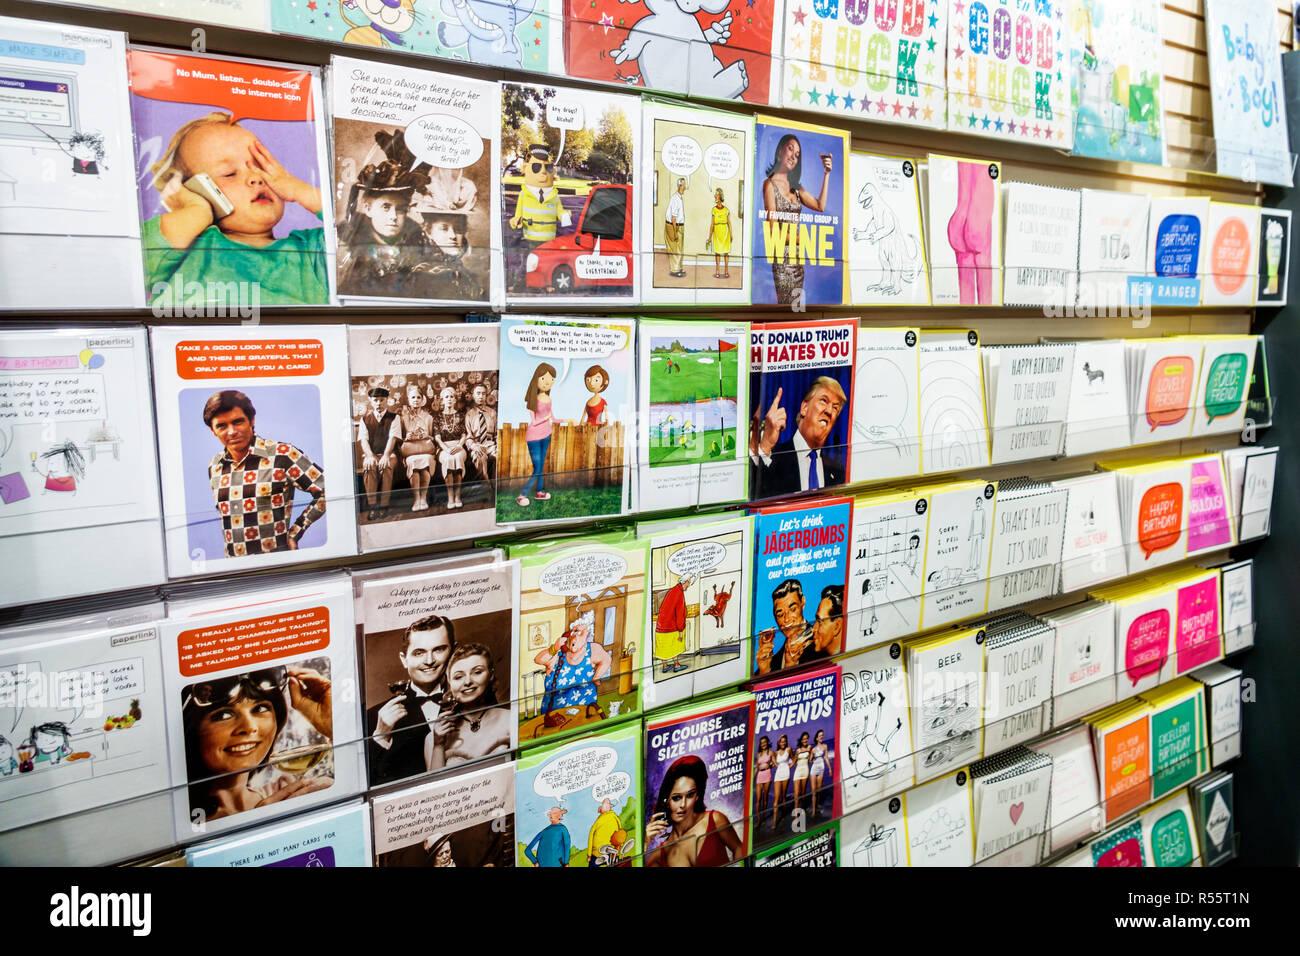 Royaume-uni Grande-Bretagne Angleterre Londres Westminster Galore papeterie Cartes Cartes de vœux shopping humour anniversaire occasion spéciale à l'intérieur d Photo Stock